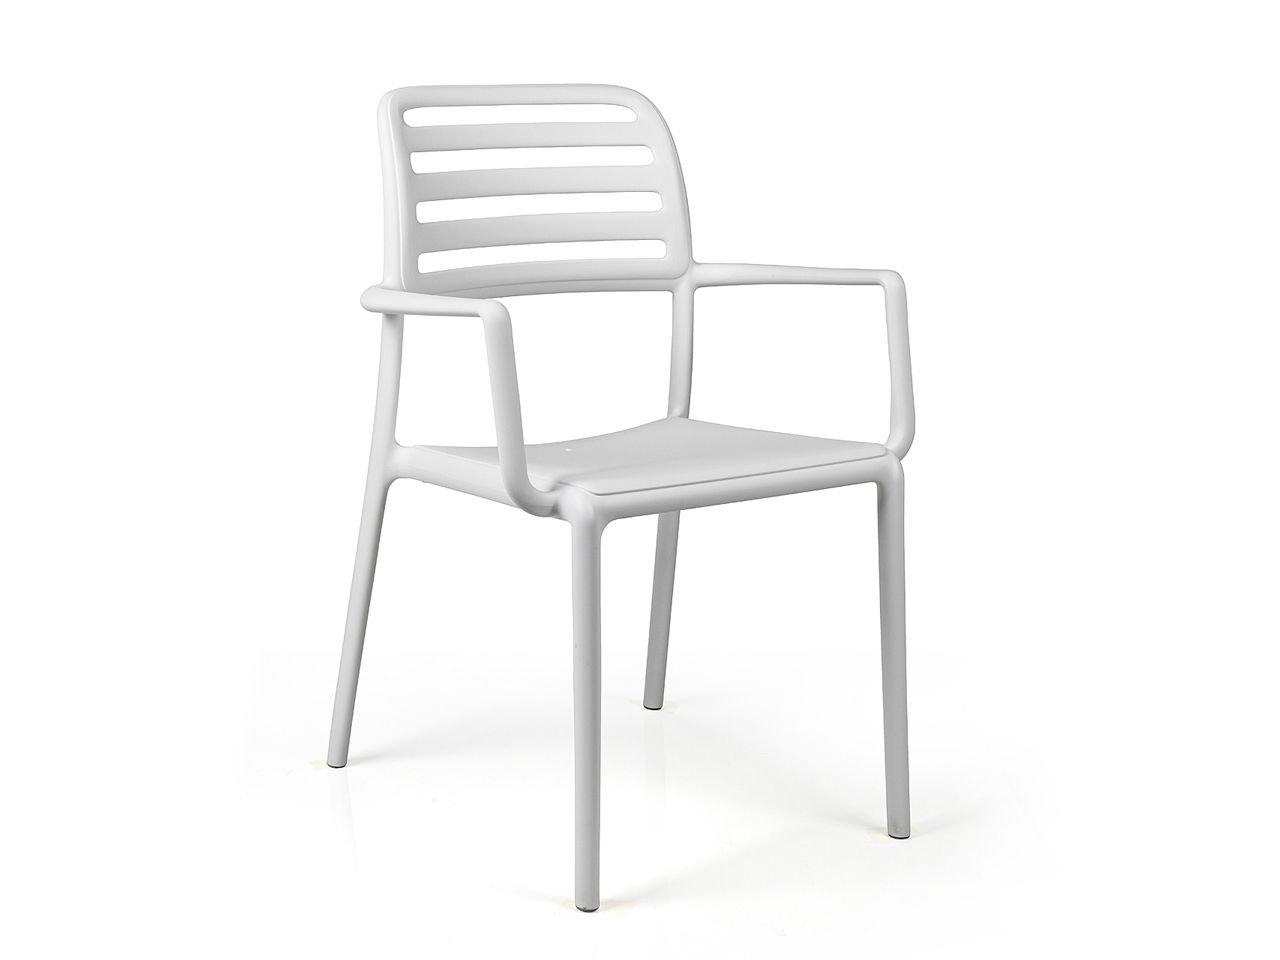 Sedia con braccioli Costa - v3